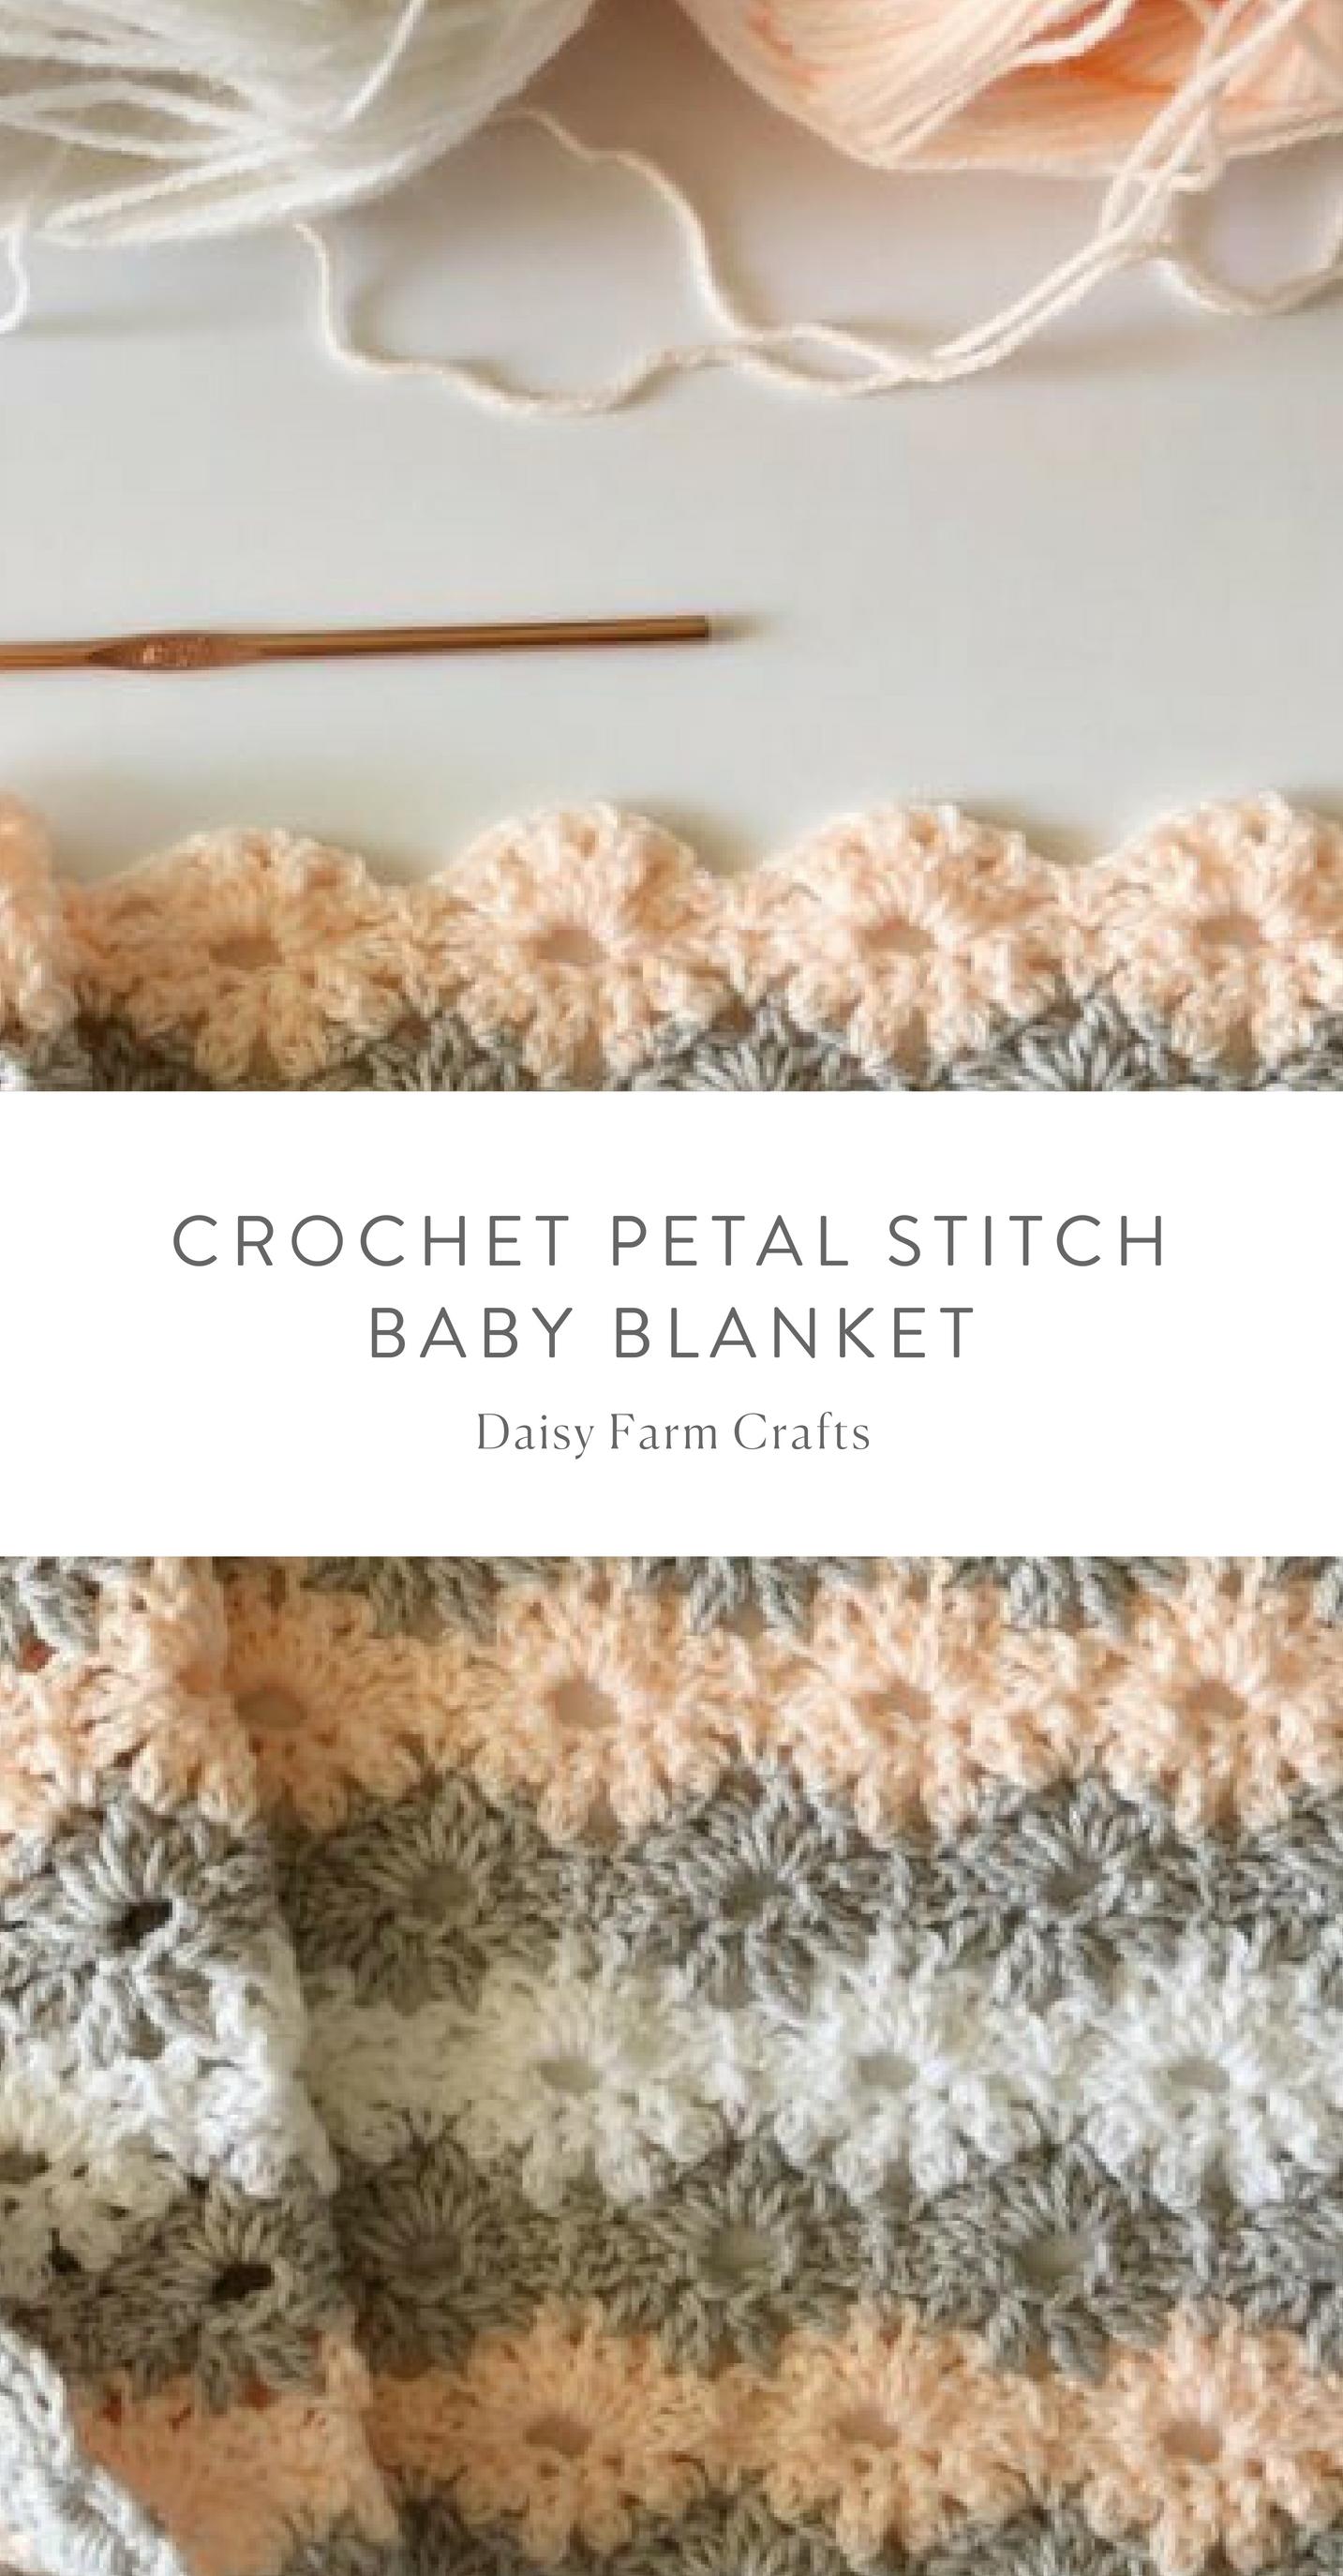 Free Pattern - Crochet Petal Stitch Baby Blanket #crochet | baby ...